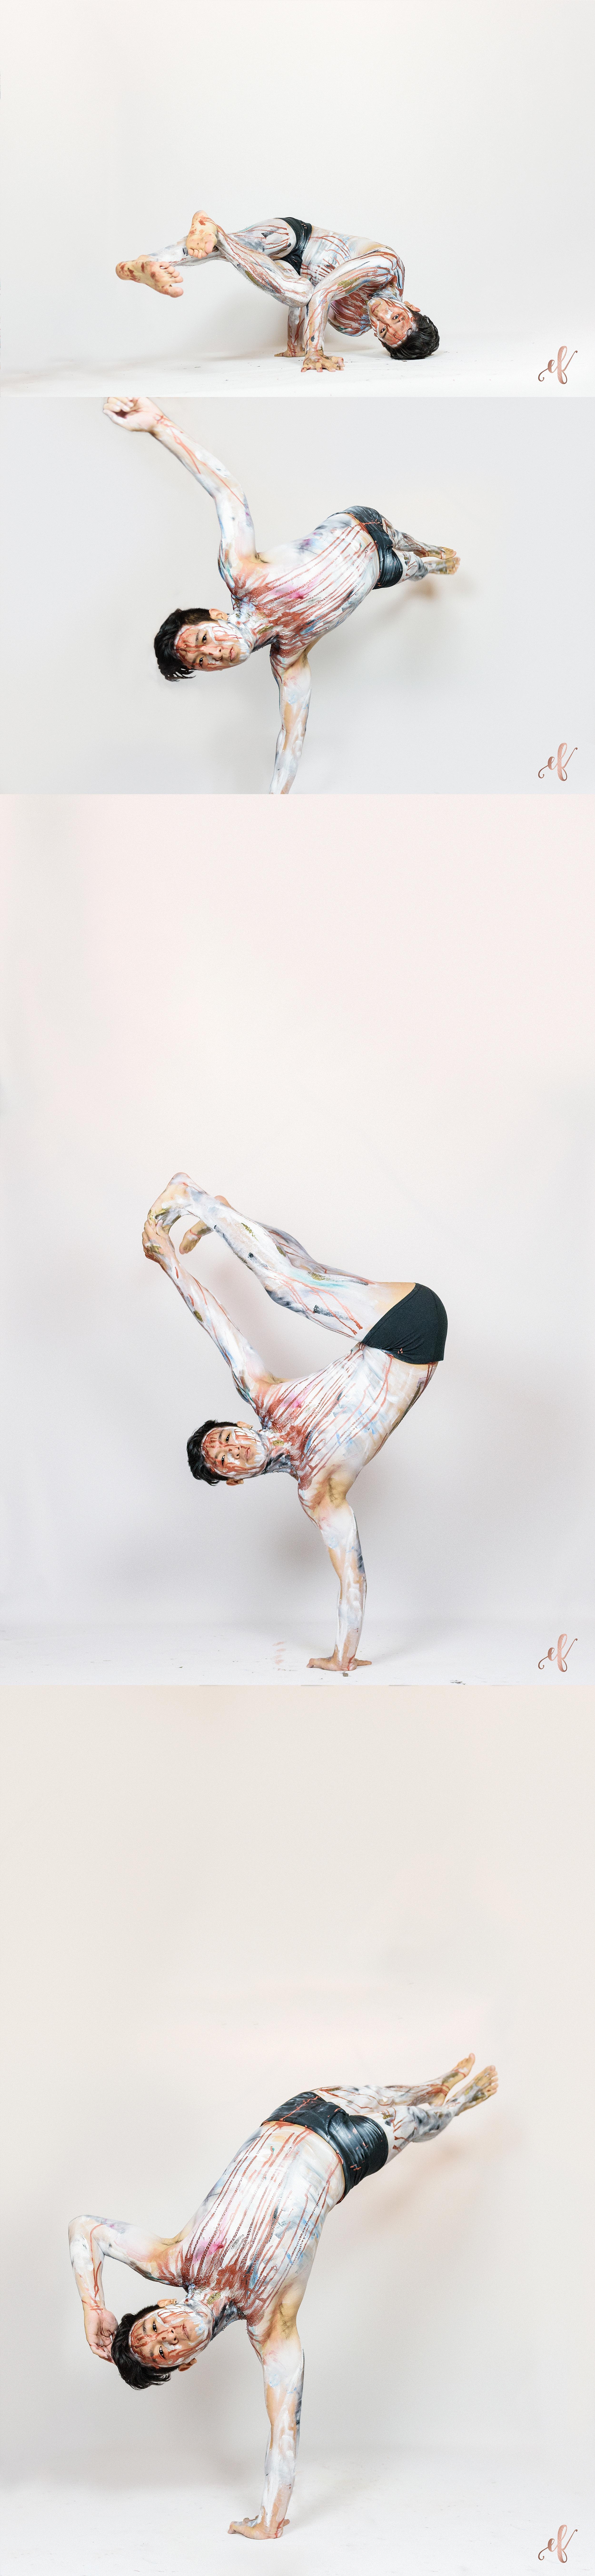 San Diego Portrait Photographer   Paint Portrait   Dance